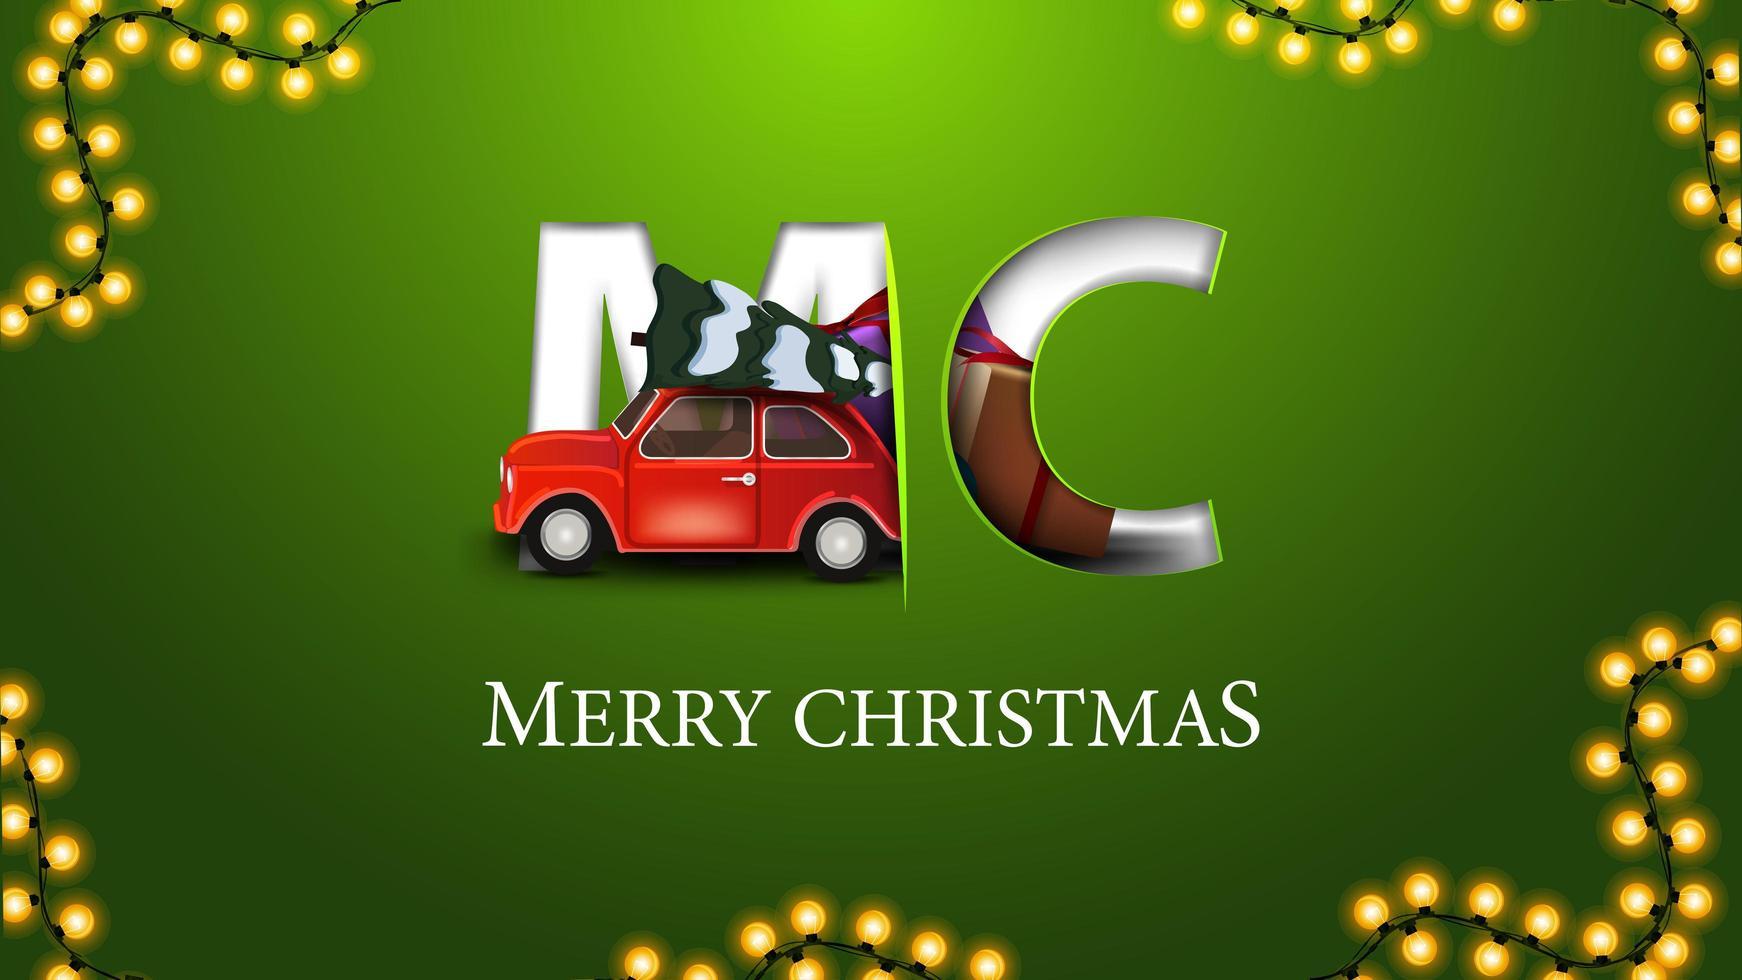 joyeux noël, carte postale verte dans un style minimalisme avec voiture vintage rouge portant arbre de noël vecteur